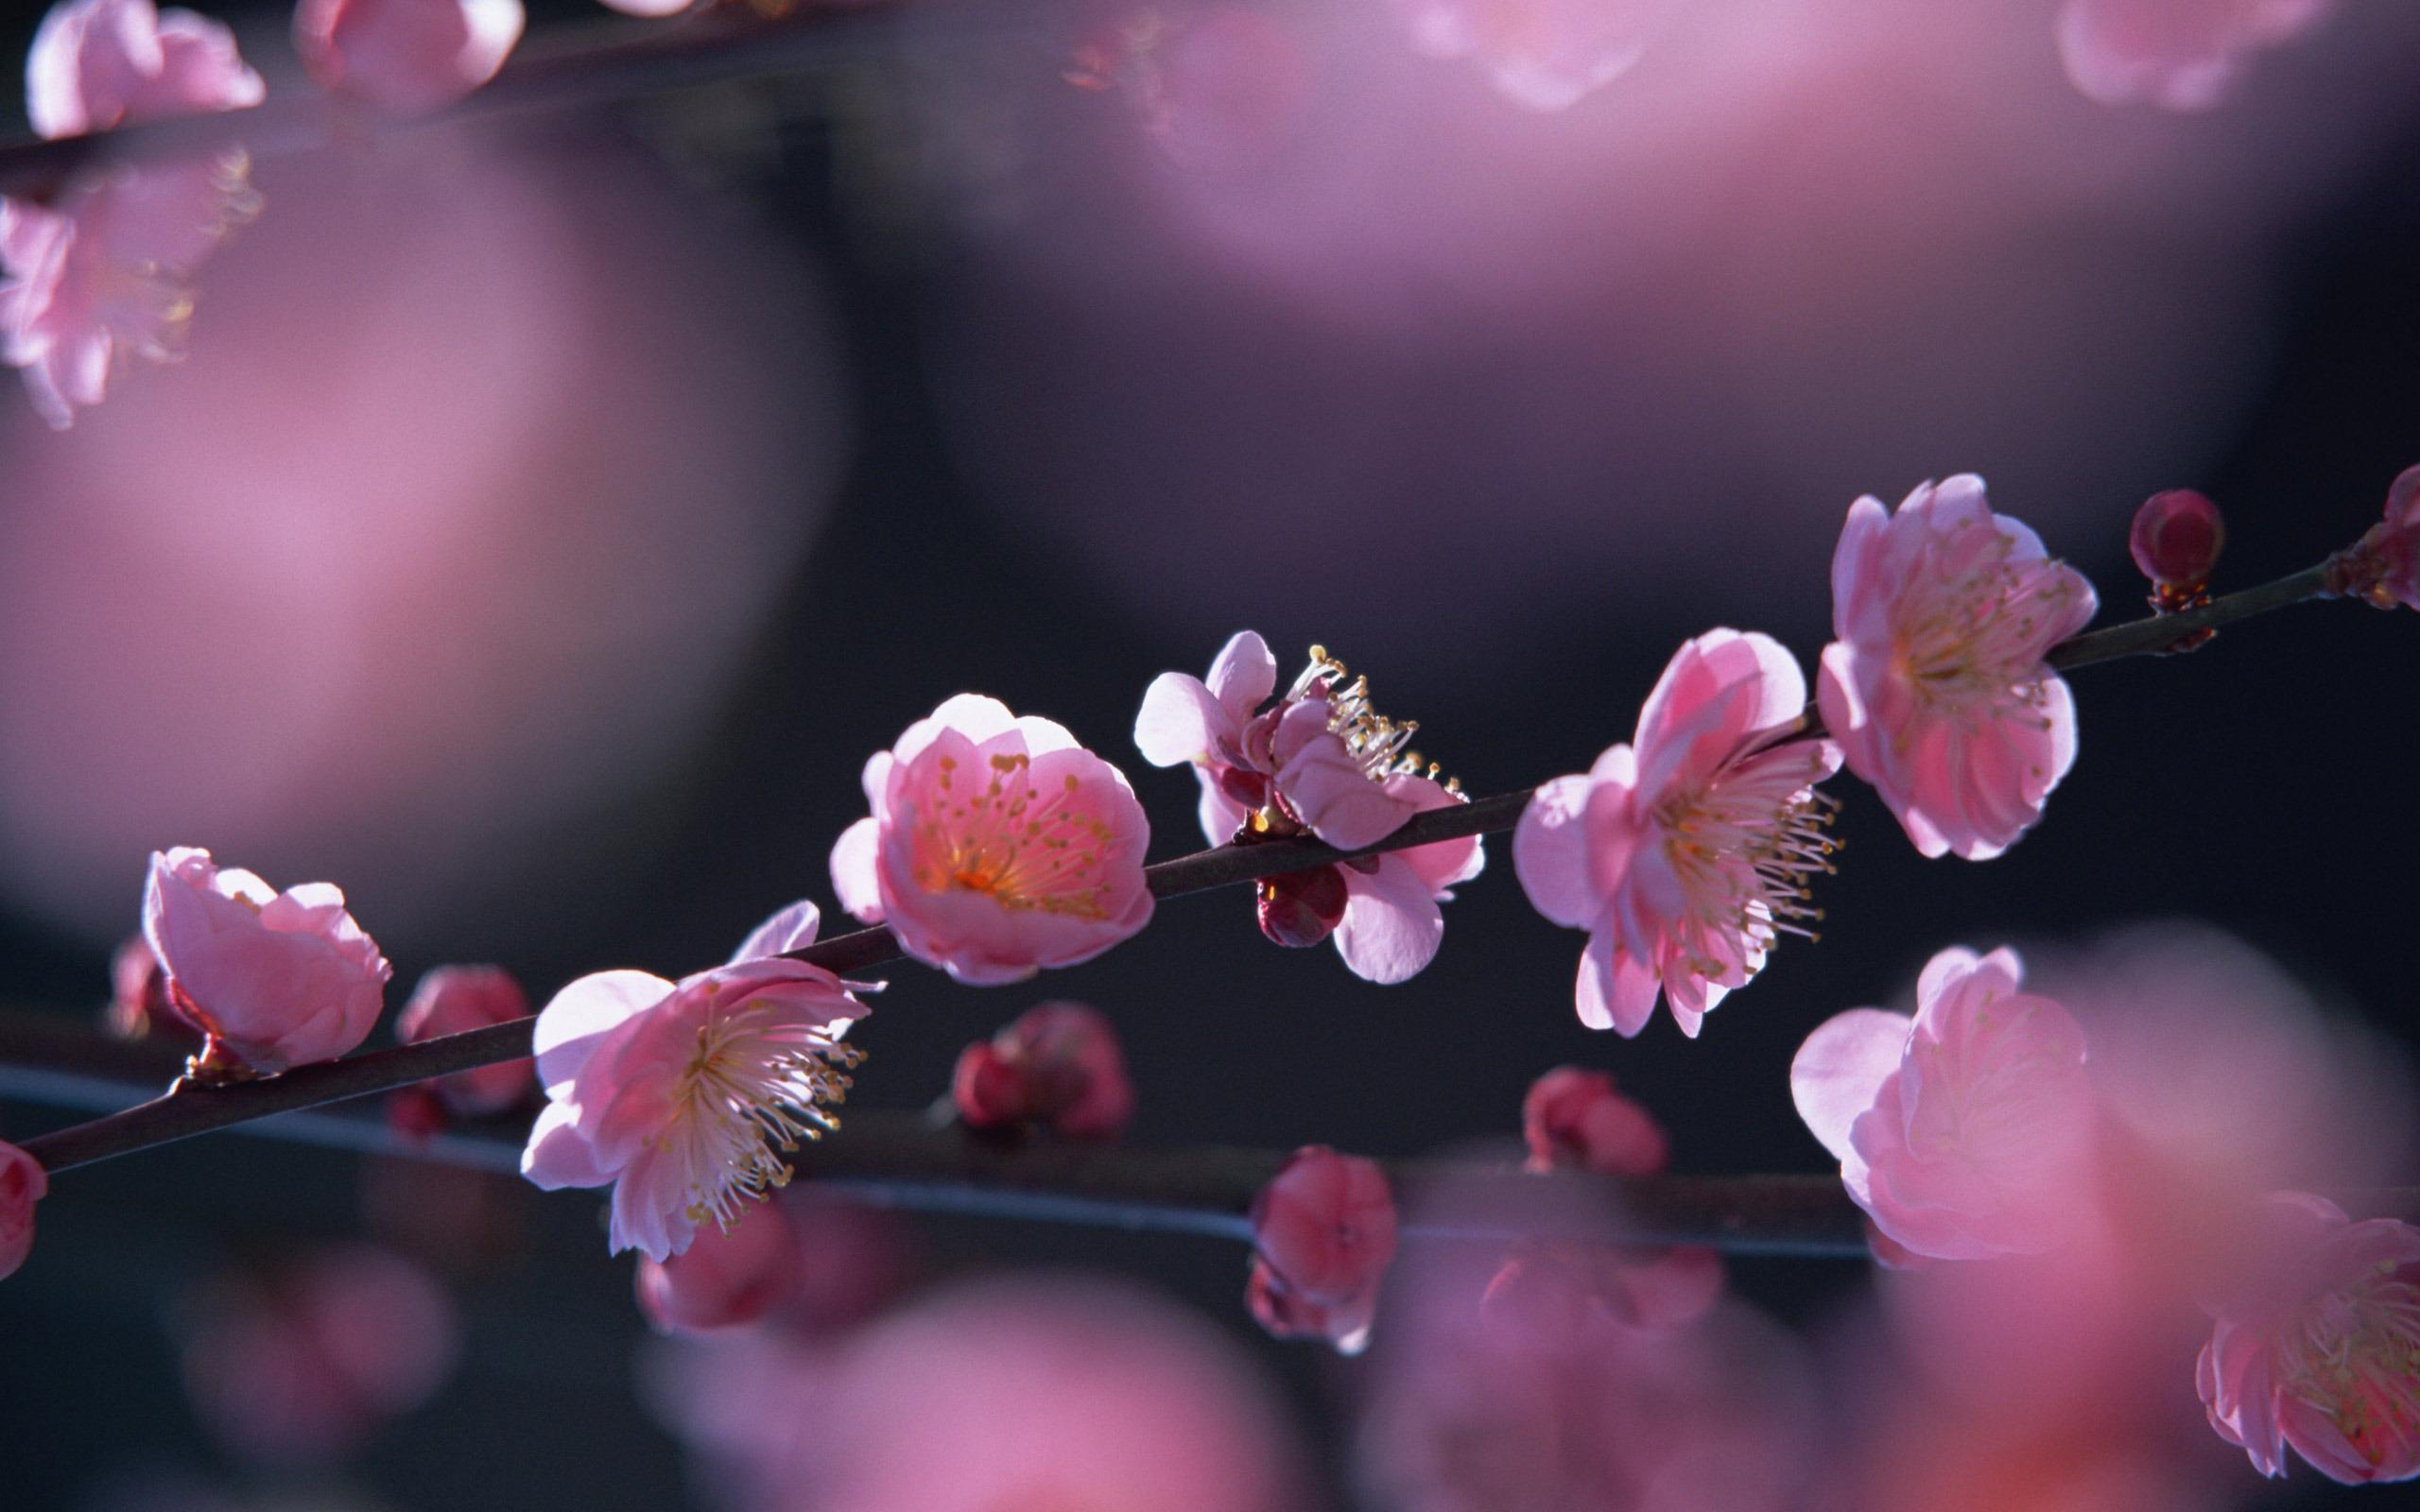 Картинки для рабочего стола весна на весь экран природа, удалить текст открытки